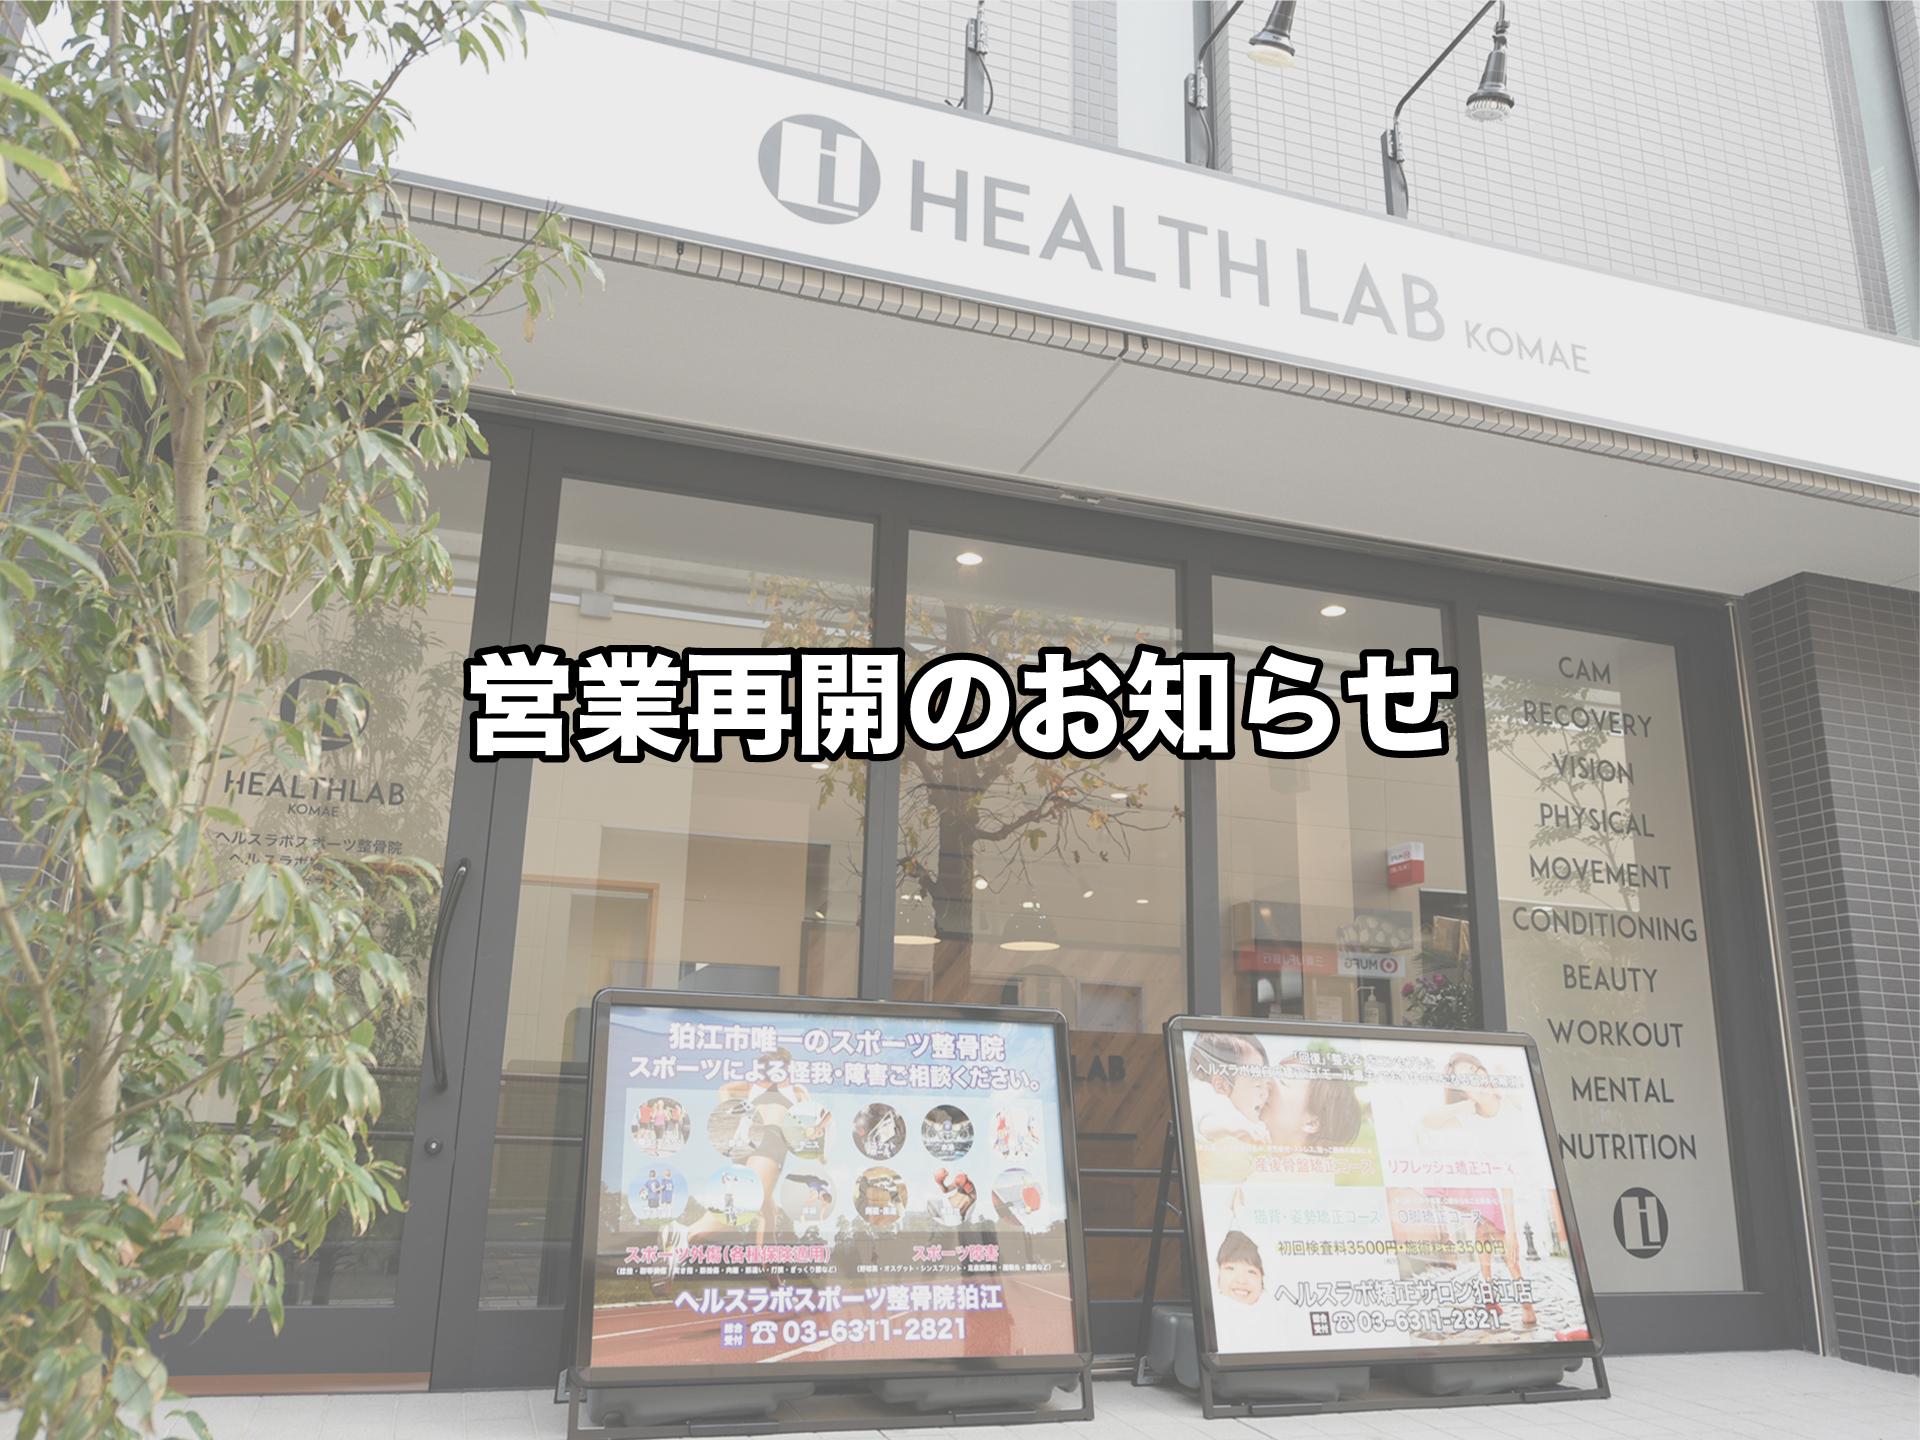 5月28日(木)〜営業再開のお知らせ